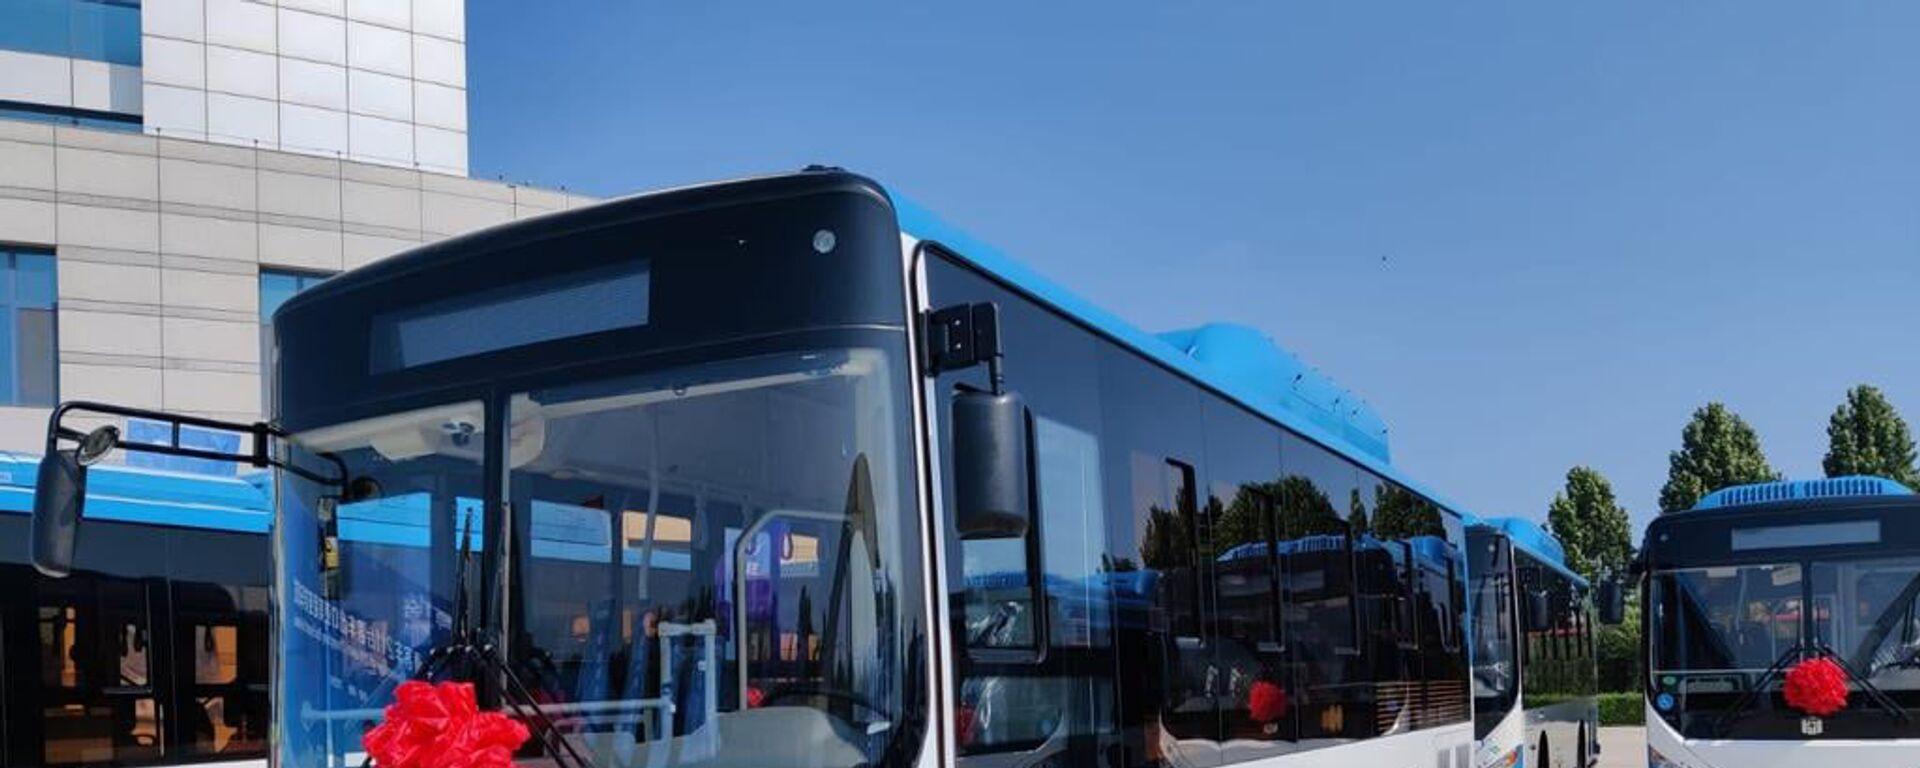 Торжественная церемония отправки новых автобусов для Еревана с завода в Китае - Sputnik Армения, 1920, 12.10.2021